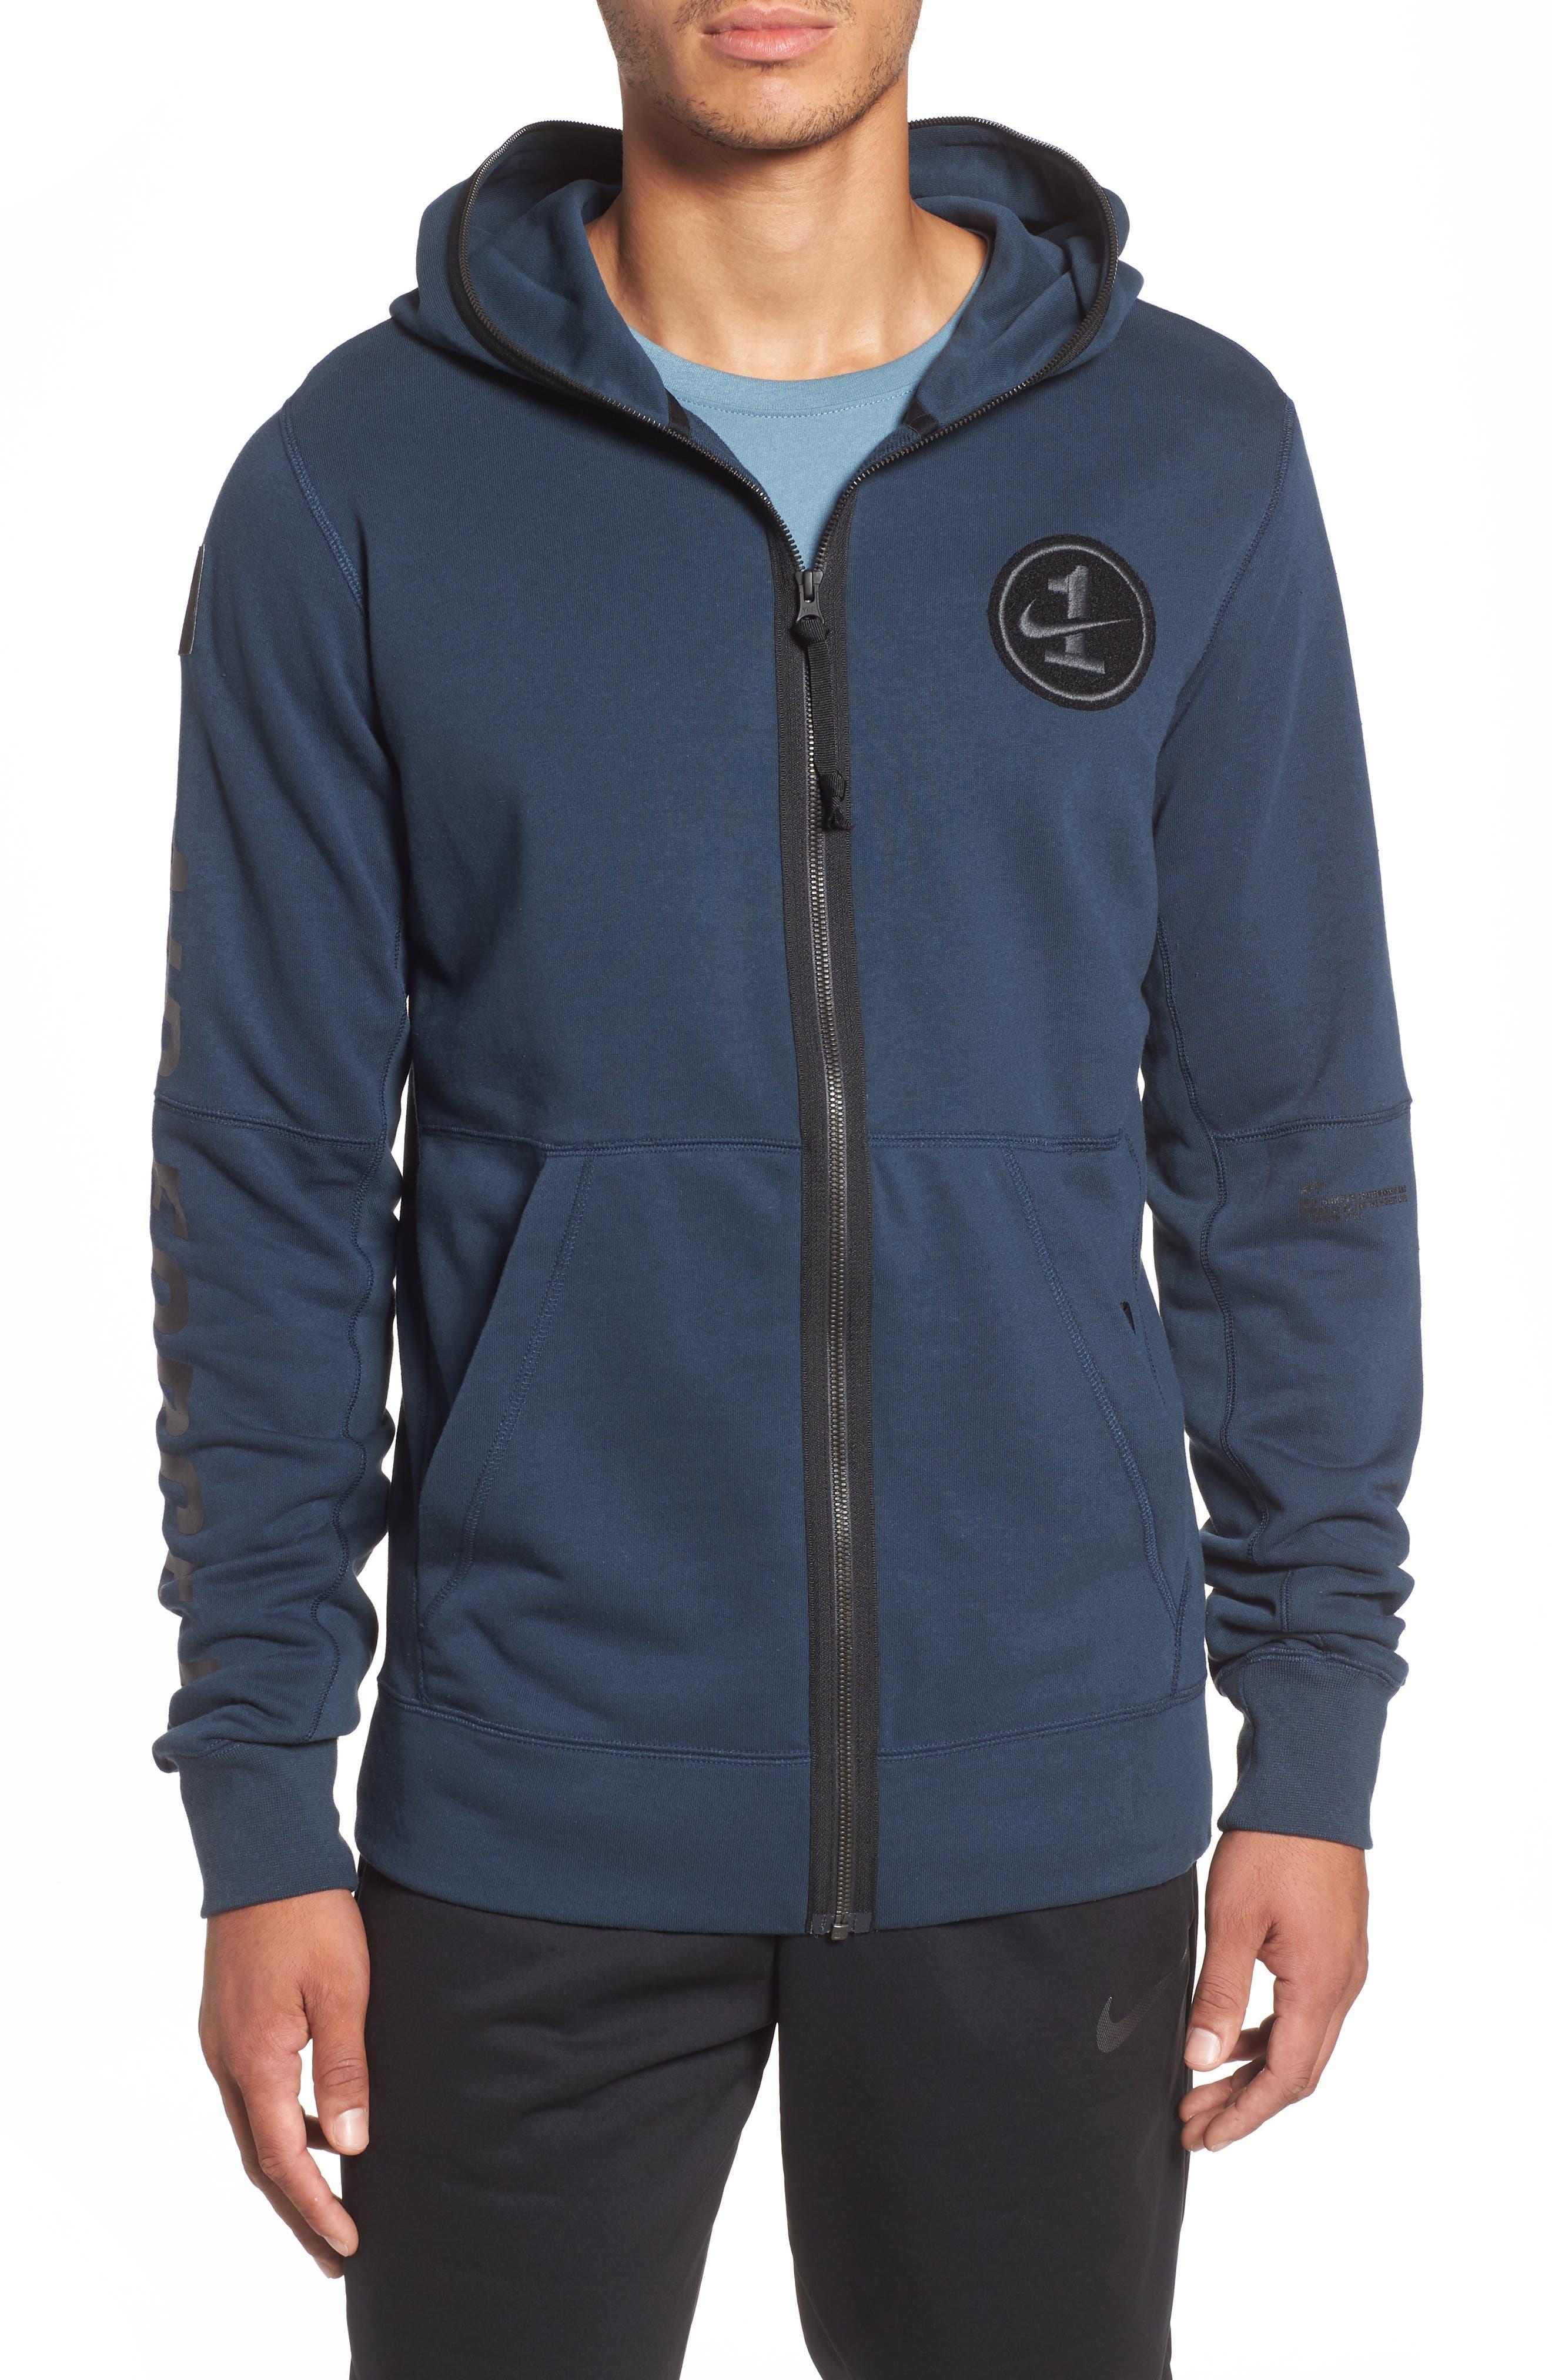 NIKE Air Force One Zip Hoodie Jacket, Main, color, ARMORY NAVY/ BLACK